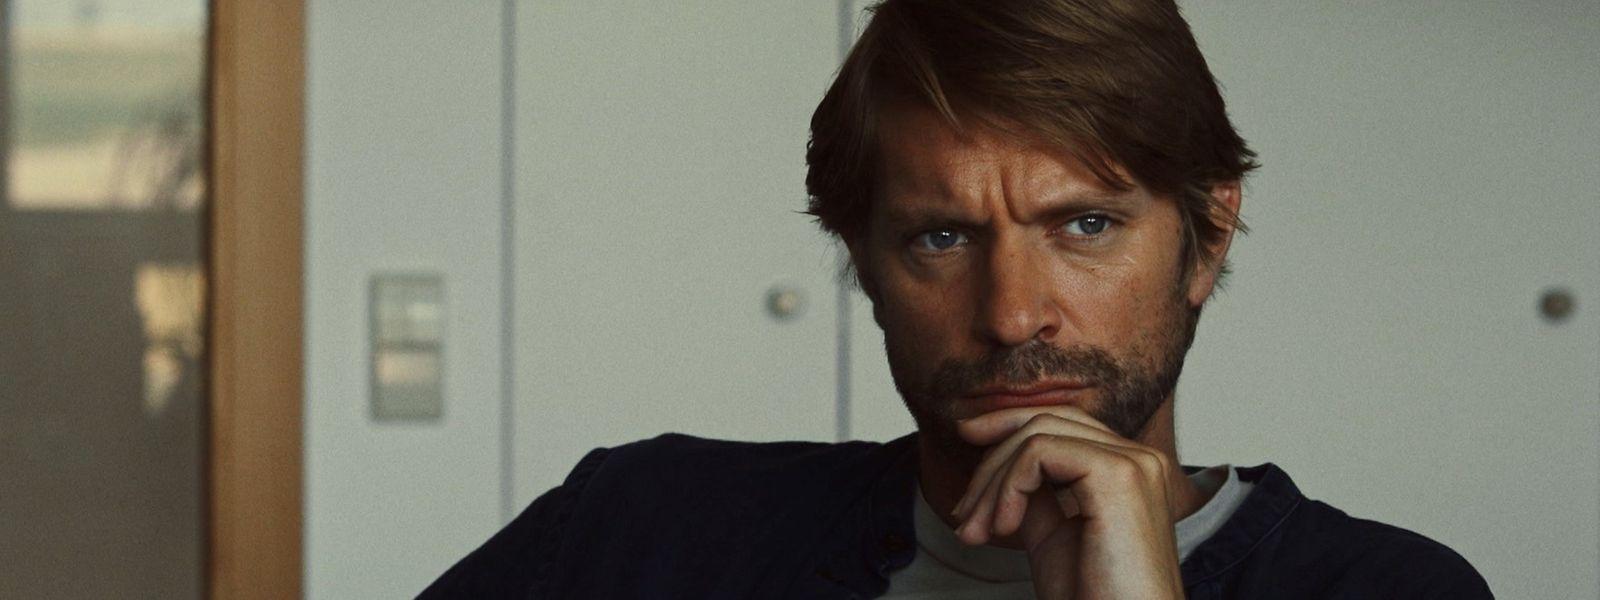 """Die zweite Staffel geht in den Dreh: Luc Schiltz wird in seiner Rolle als """"Capitani"""" in das Bahnhofsmilieu der Hauptstadt eintauchen."""